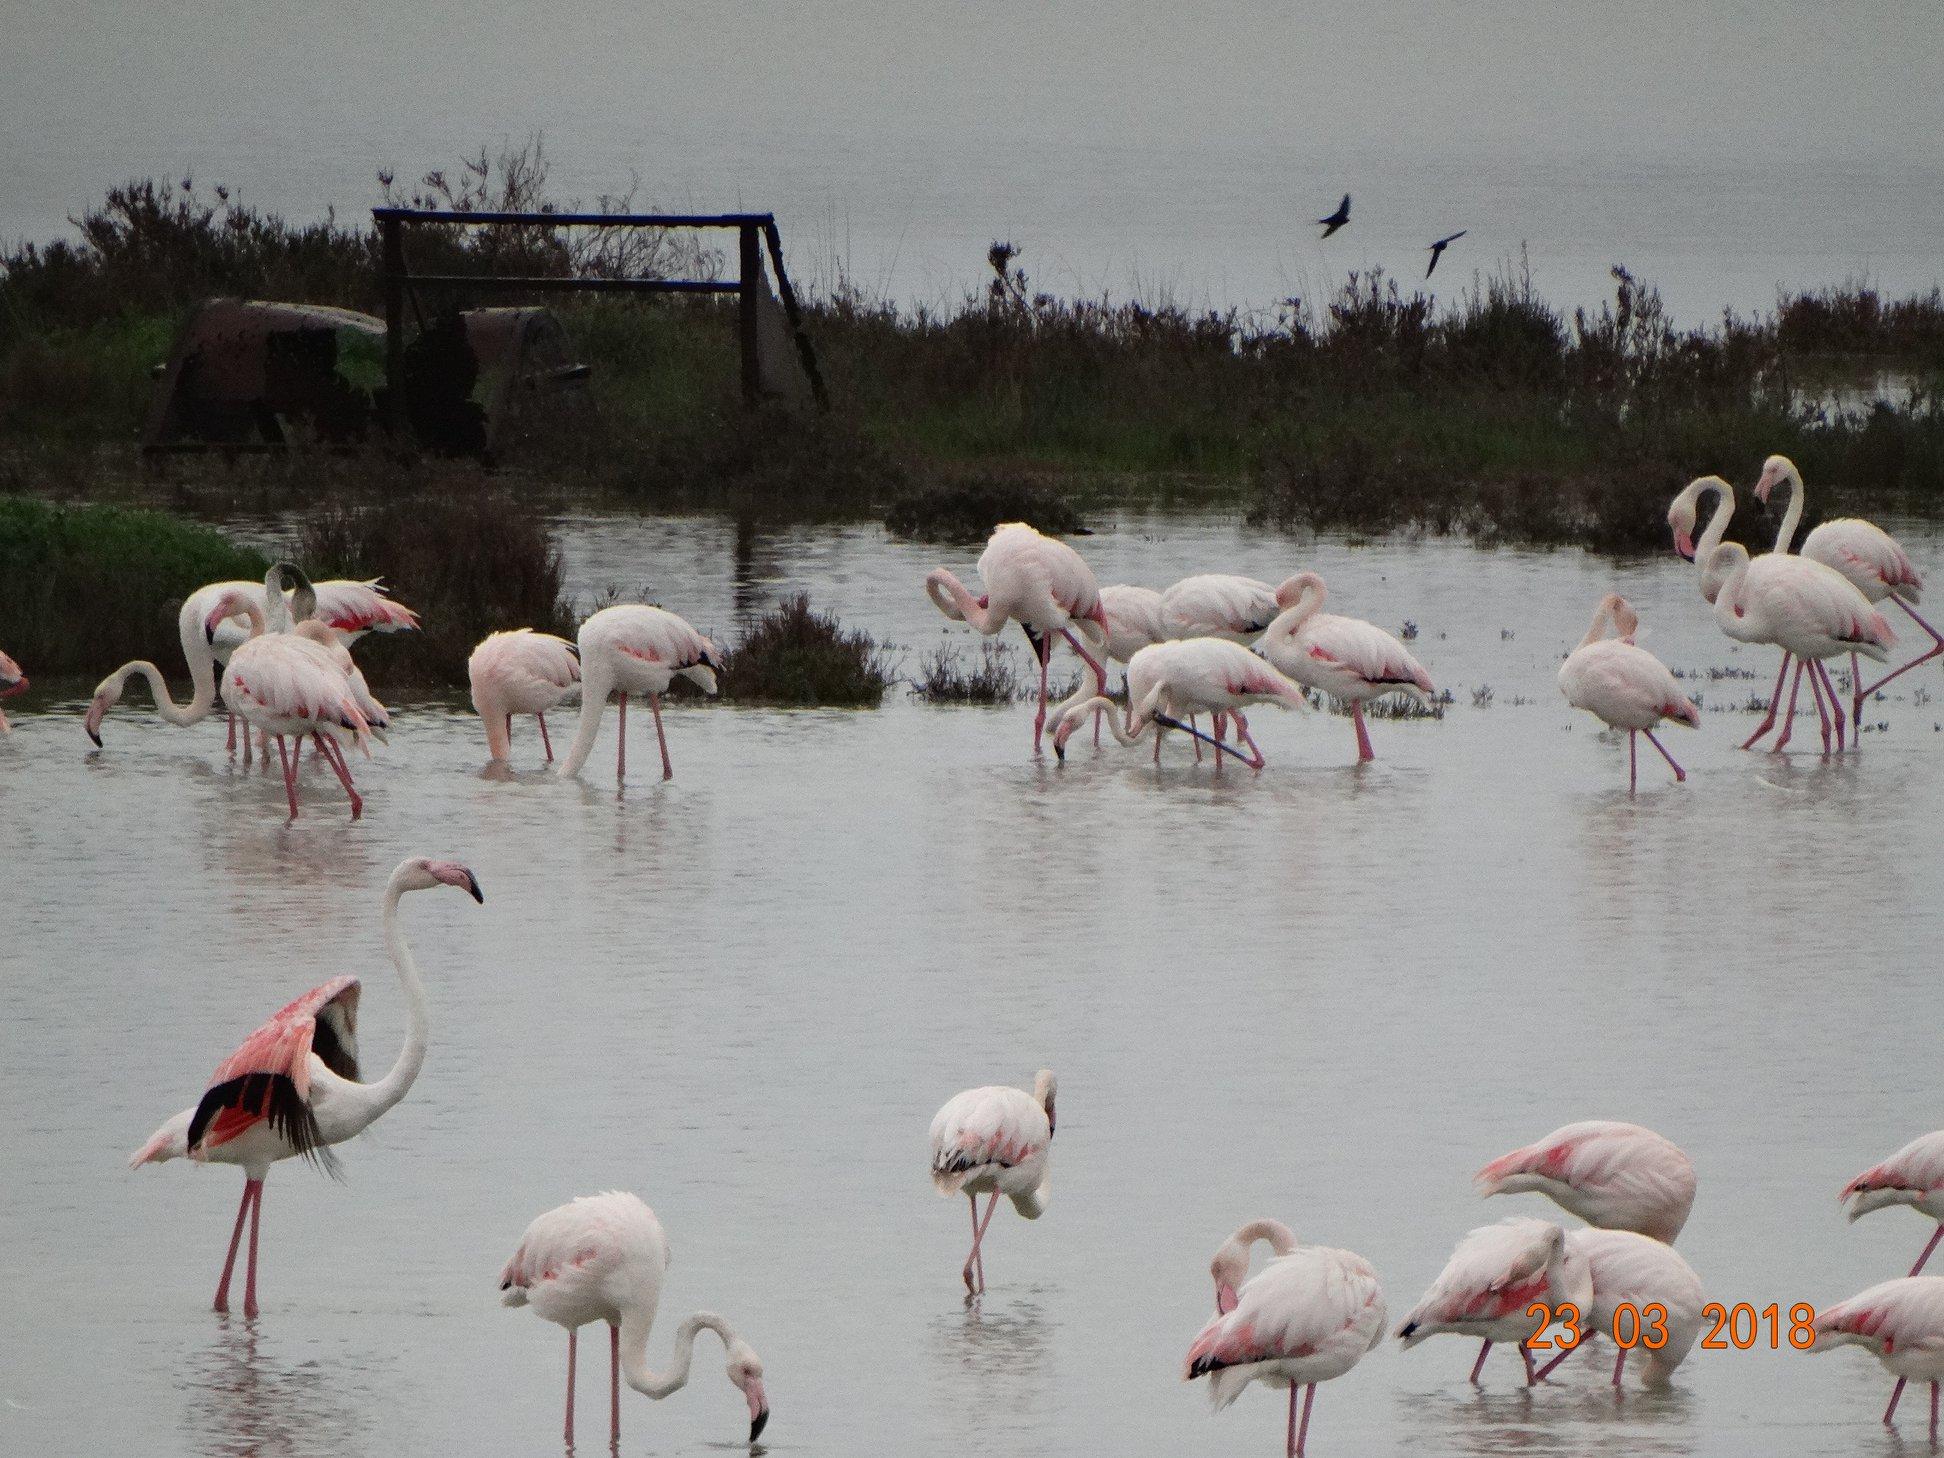 entyposiakes-eikones-apo-tin-afixi-ton-roz-flamingko-sti-limnothalassa-tis-leykimmis2